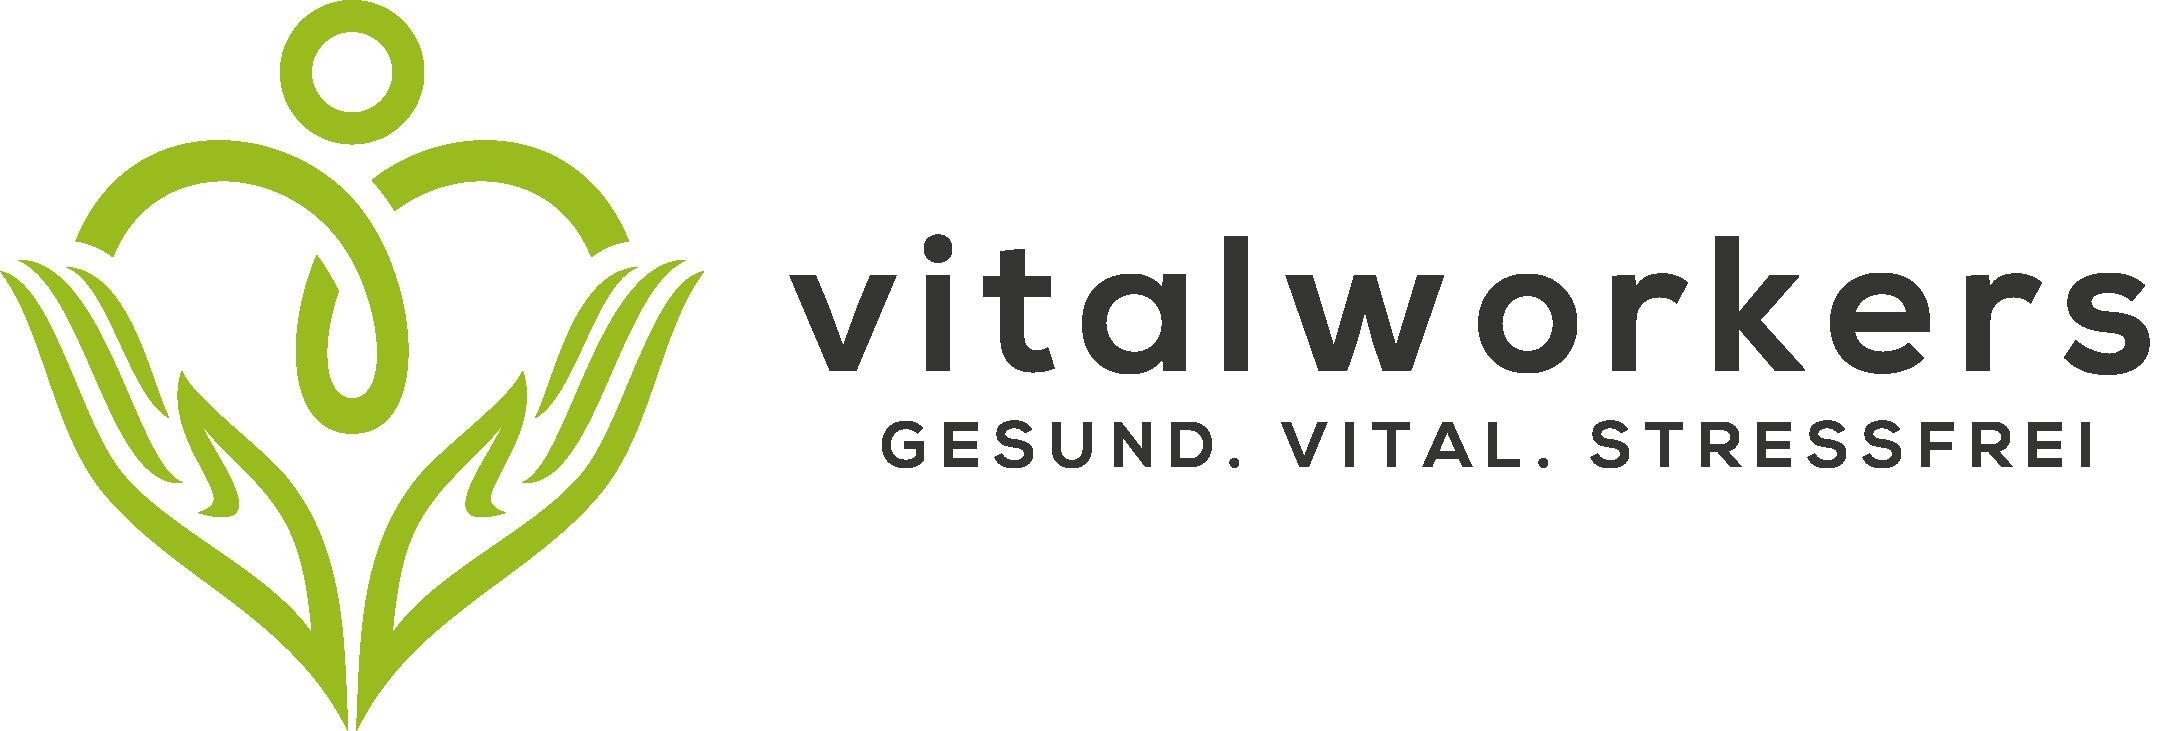 vitalworkers | Gesund. Vital. Stressfrei.